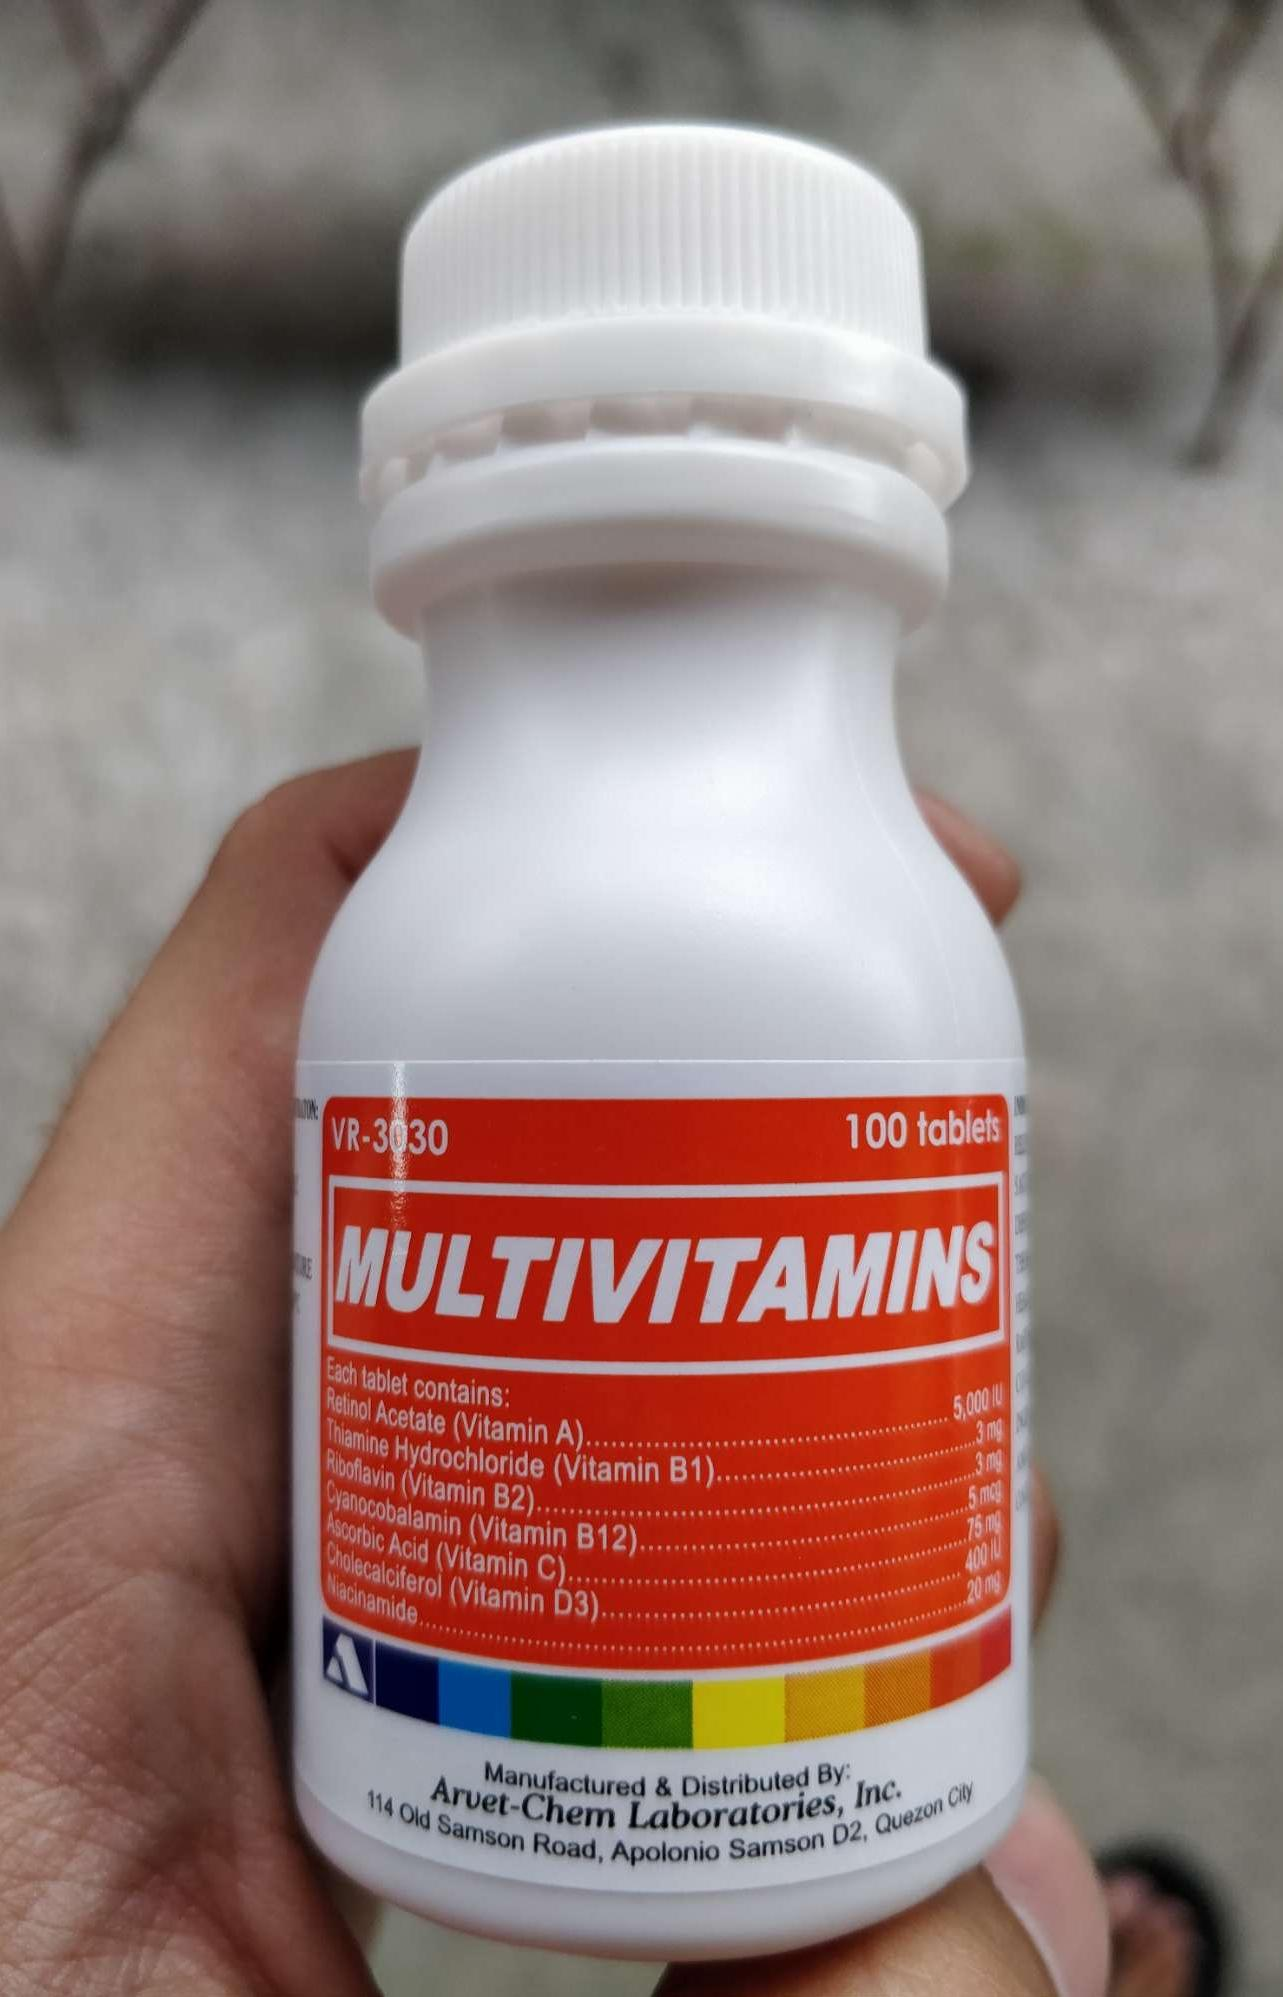 MULTIVITAMINS (100 tablets)